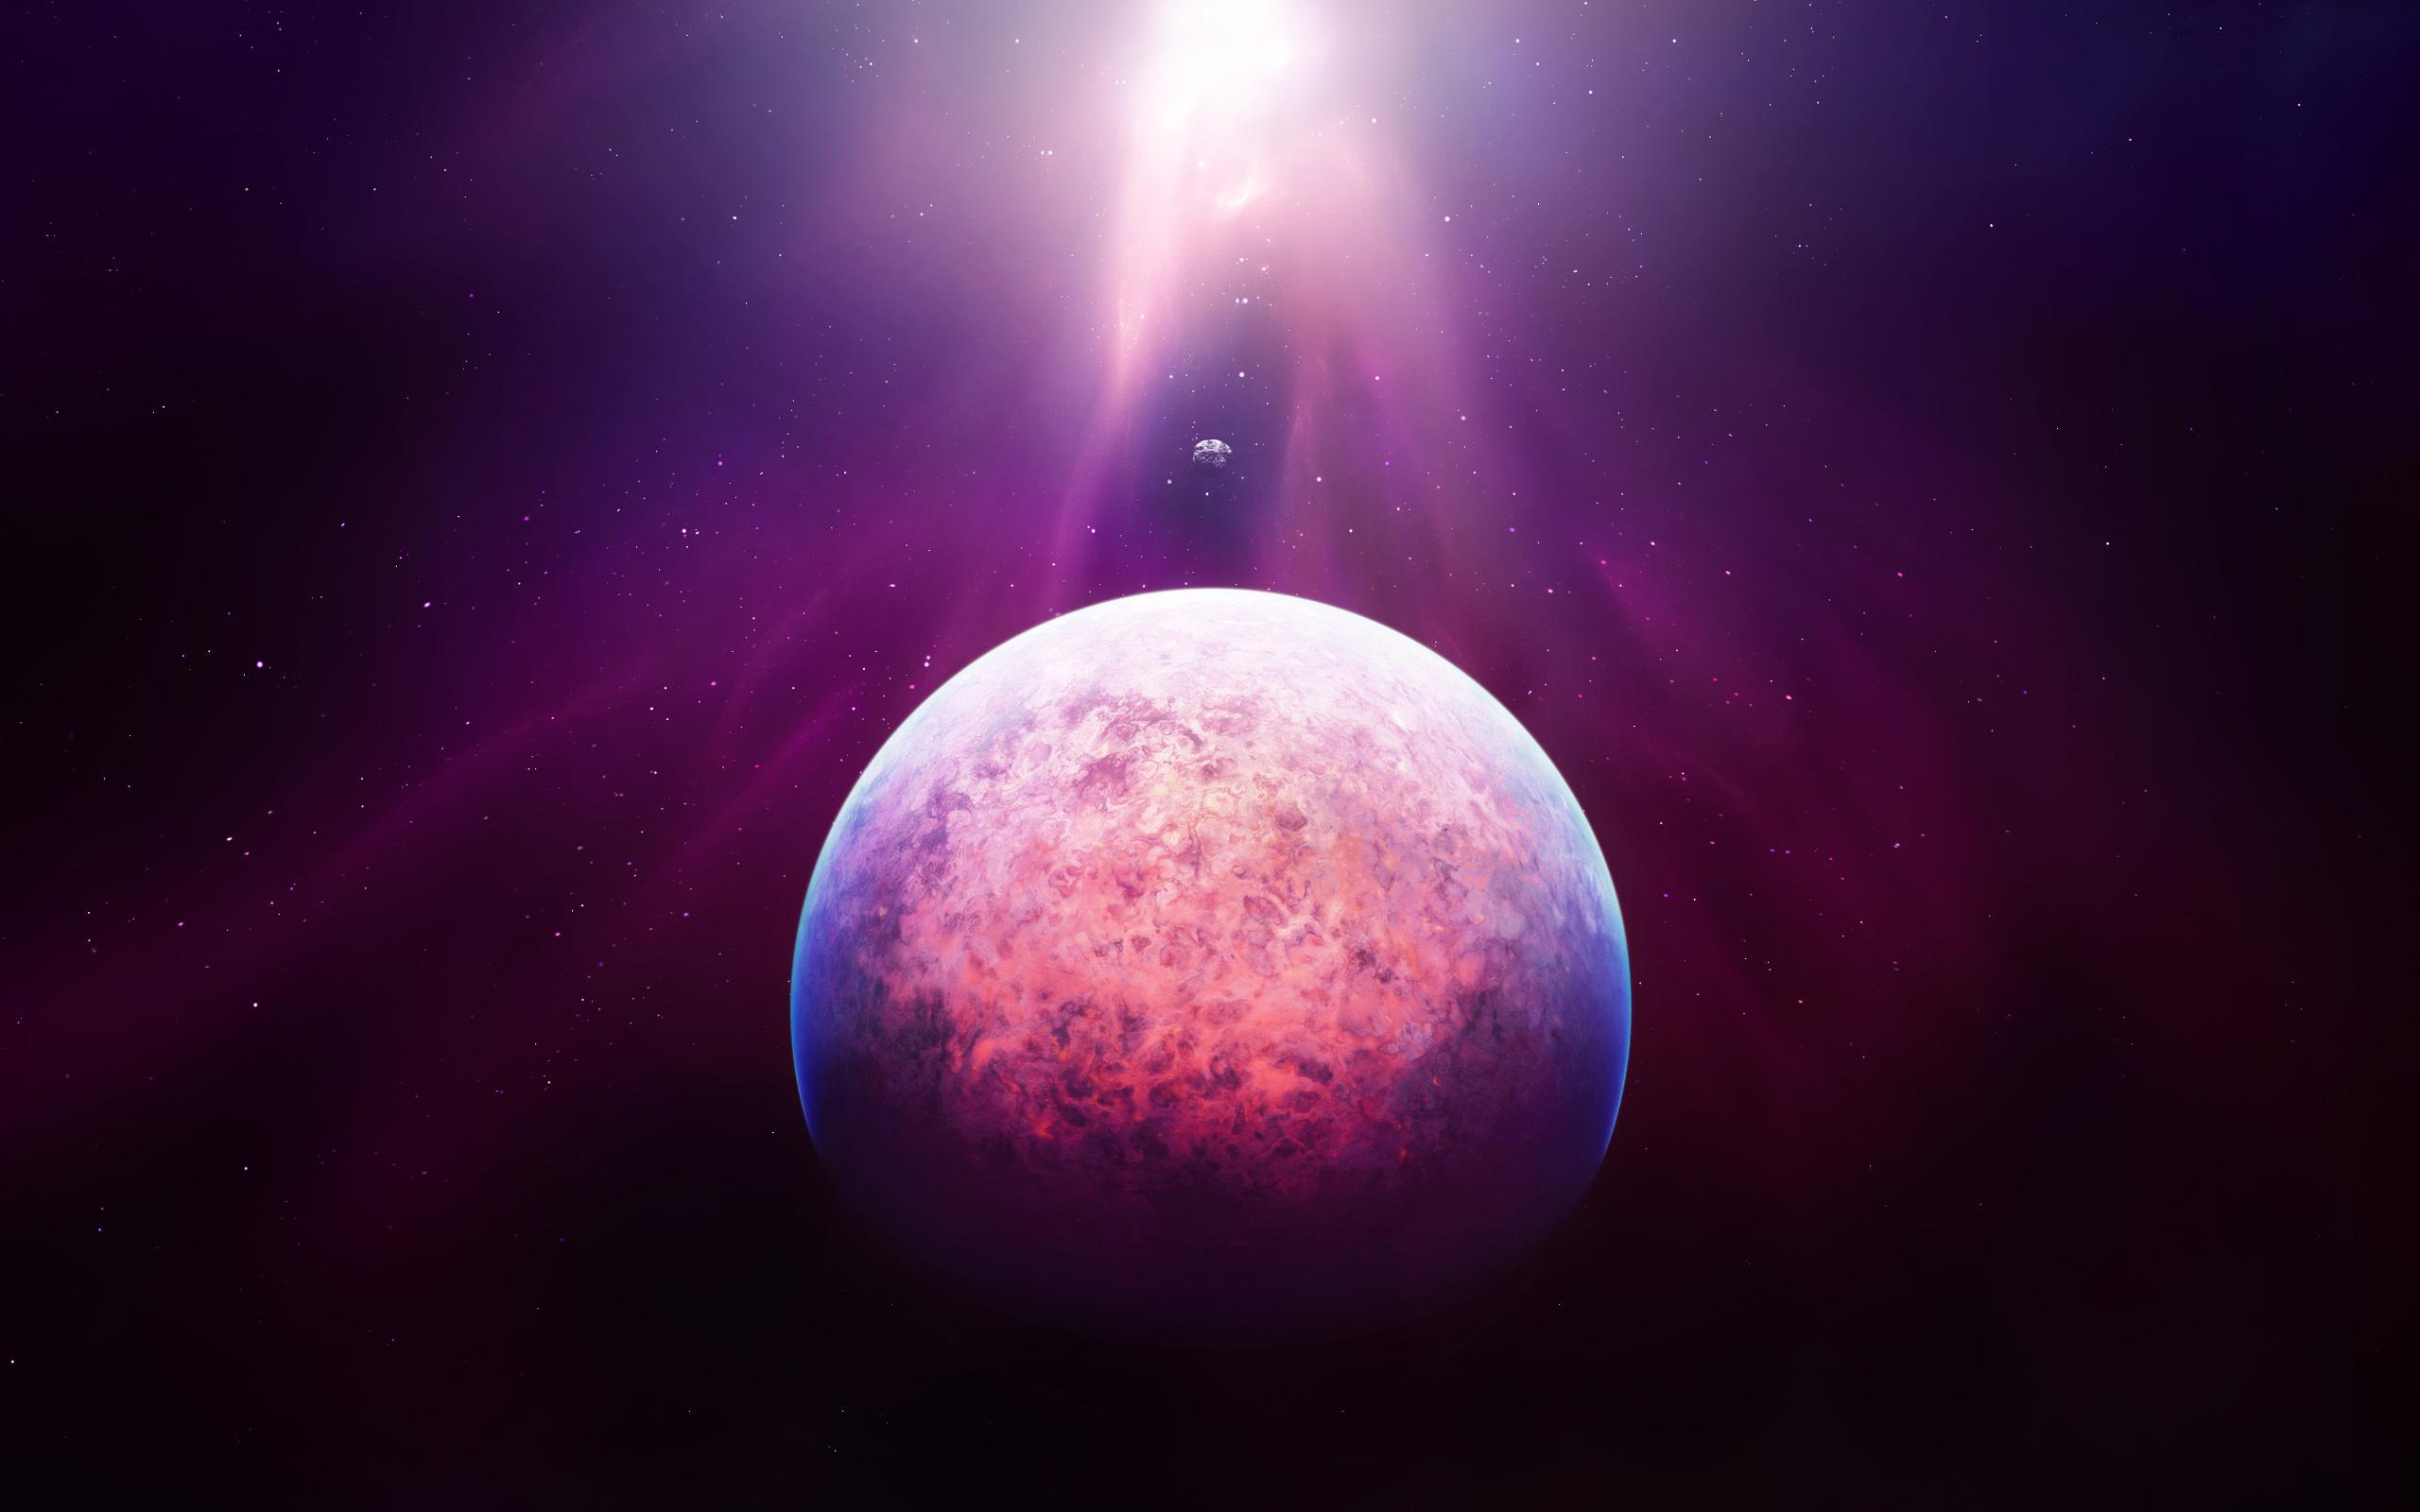 Обои Планеты, свет картинки на рабочий стол на тему Космос - скачать загрузить